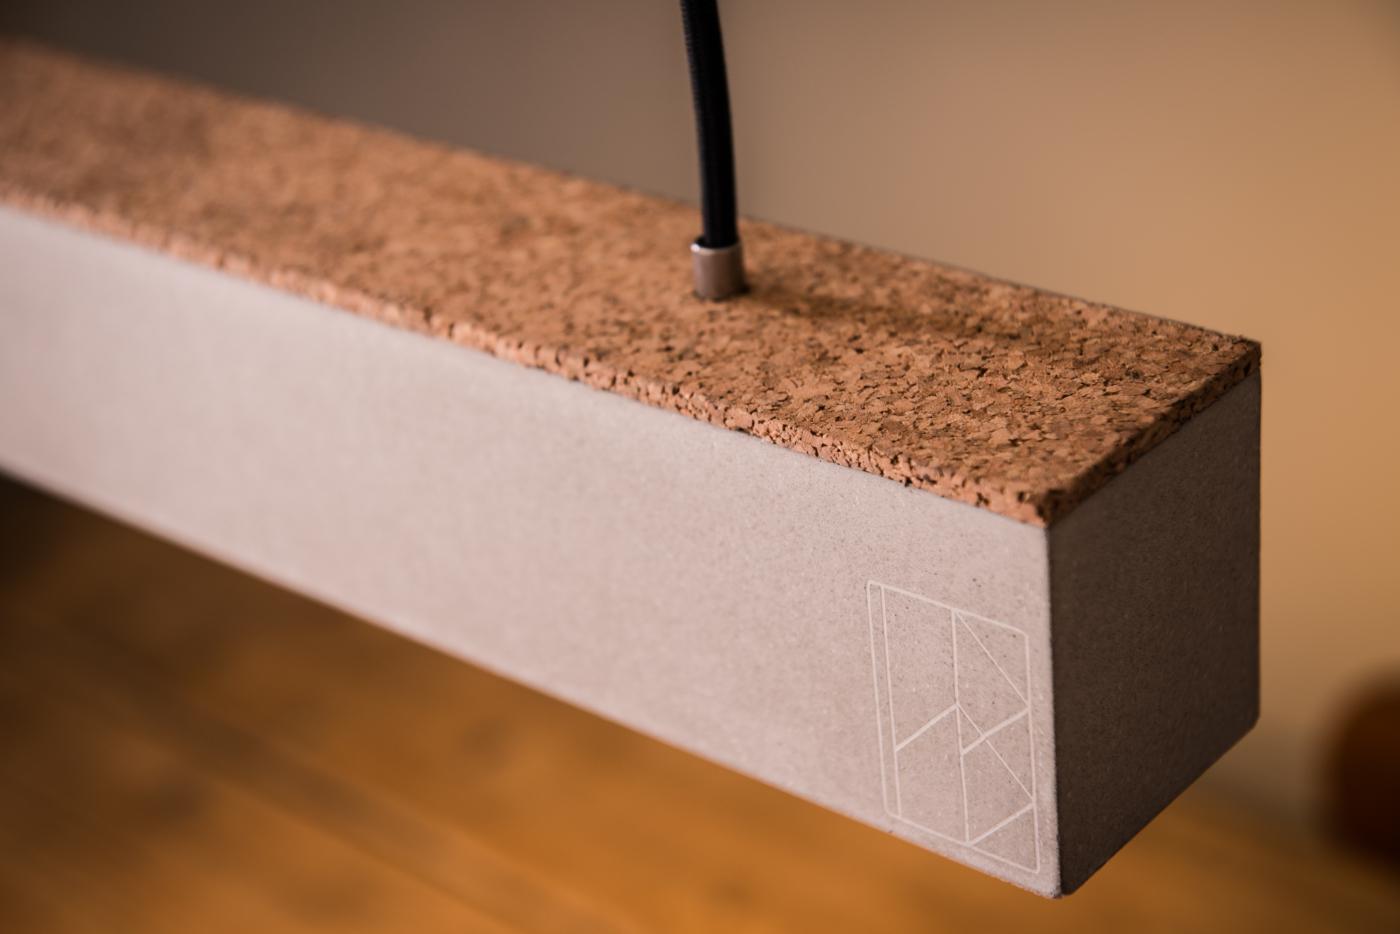 Das minimalistische Design der Beton-Hängeleuchte SARAH gibt Ihrem Wohn- und Essbereich eine neue Atmosphäre. Der Betongrundkörper wird in unserer Manufaktur aus einem Stück von Hand gegossen. Die Beton-Hängeleuchte SARAH ist mit einer hochwertigen LED Röhren versehen, die individuell austauschbar ist. Klare Linien, von der Leuchte bis zum Baldachine! Durch das von uns entwickelte Befestigungssystem Baldachin BENGT 1 können wir als einzige Manufaktur Ihnen ein Gesamtsystem von der Leuchte bis zum Baldachine aus Beton anbieten. Das Befestigungssystem wurde so konstruiert, dass auf ein unnötiges drittes Kabel verzichten werden kann. Das Heine & Becker Befestigungssystem Baldachin BENGT 1 ermöglicht einen sicheren Halt Ihrer Leuchte und fließenden Designübergang vom Lichtkegel bis zur Decke.